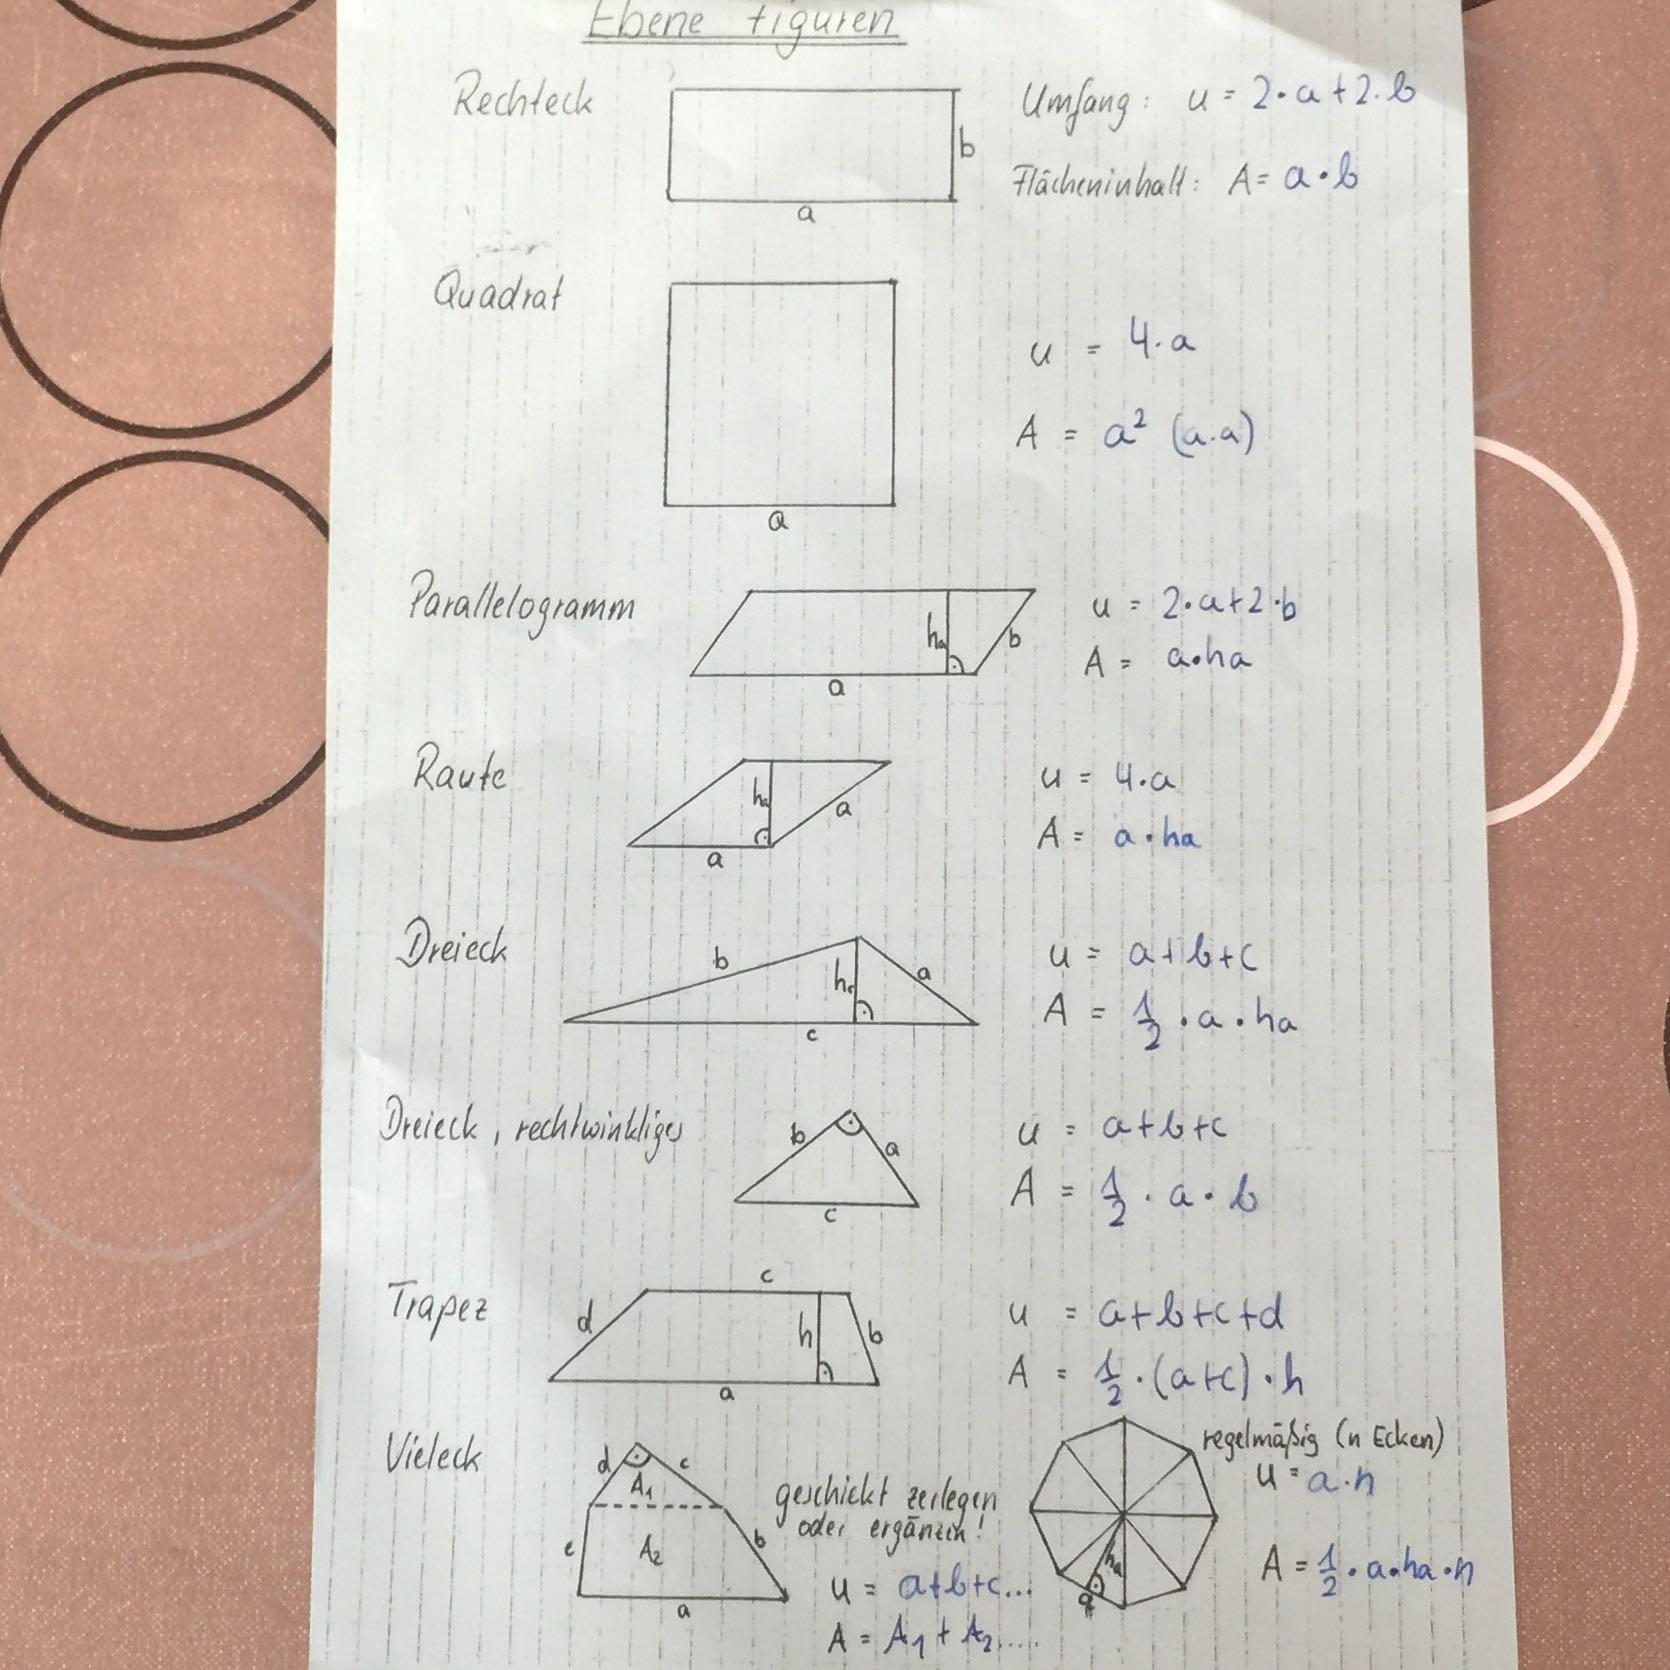 wie kann ich am besten formeln auswendig lernen? (mathe